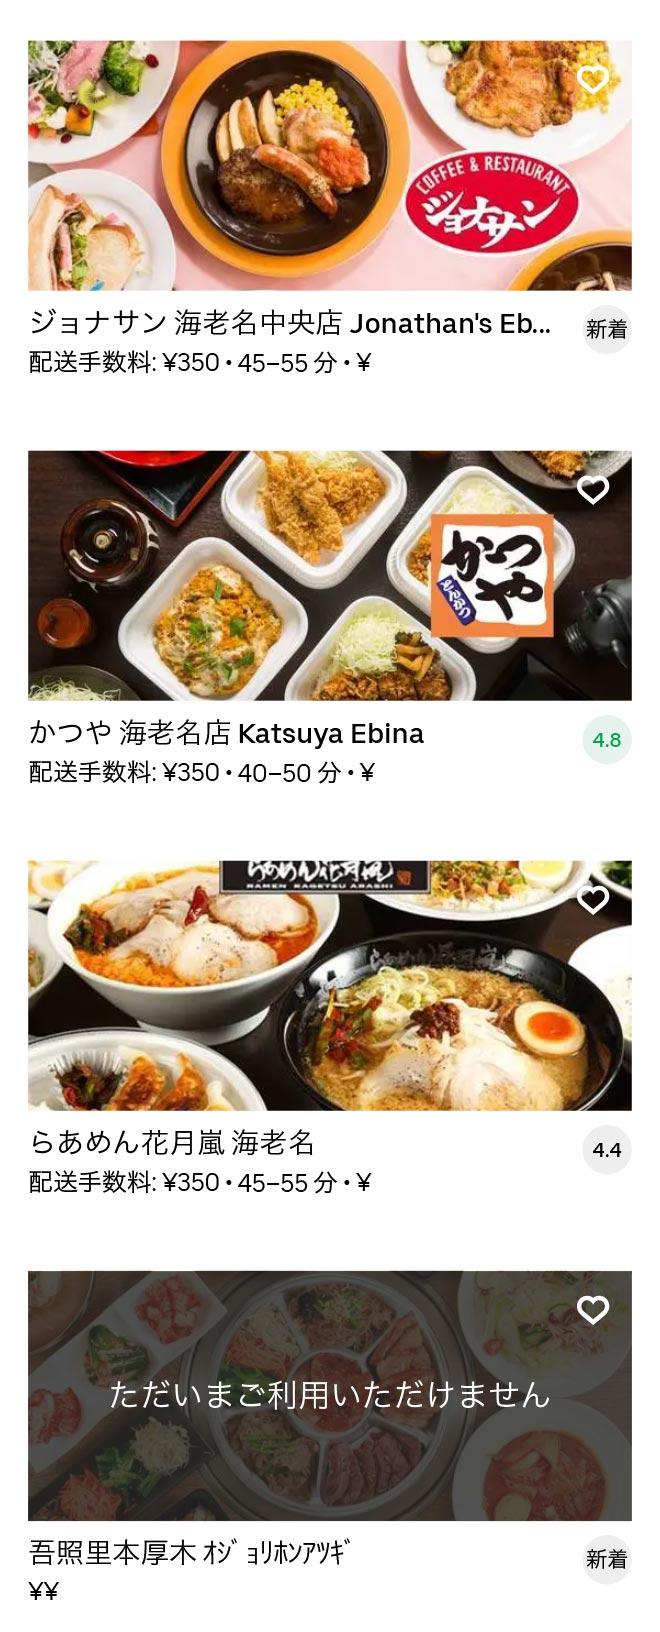 Honatsugi menu 2010 11